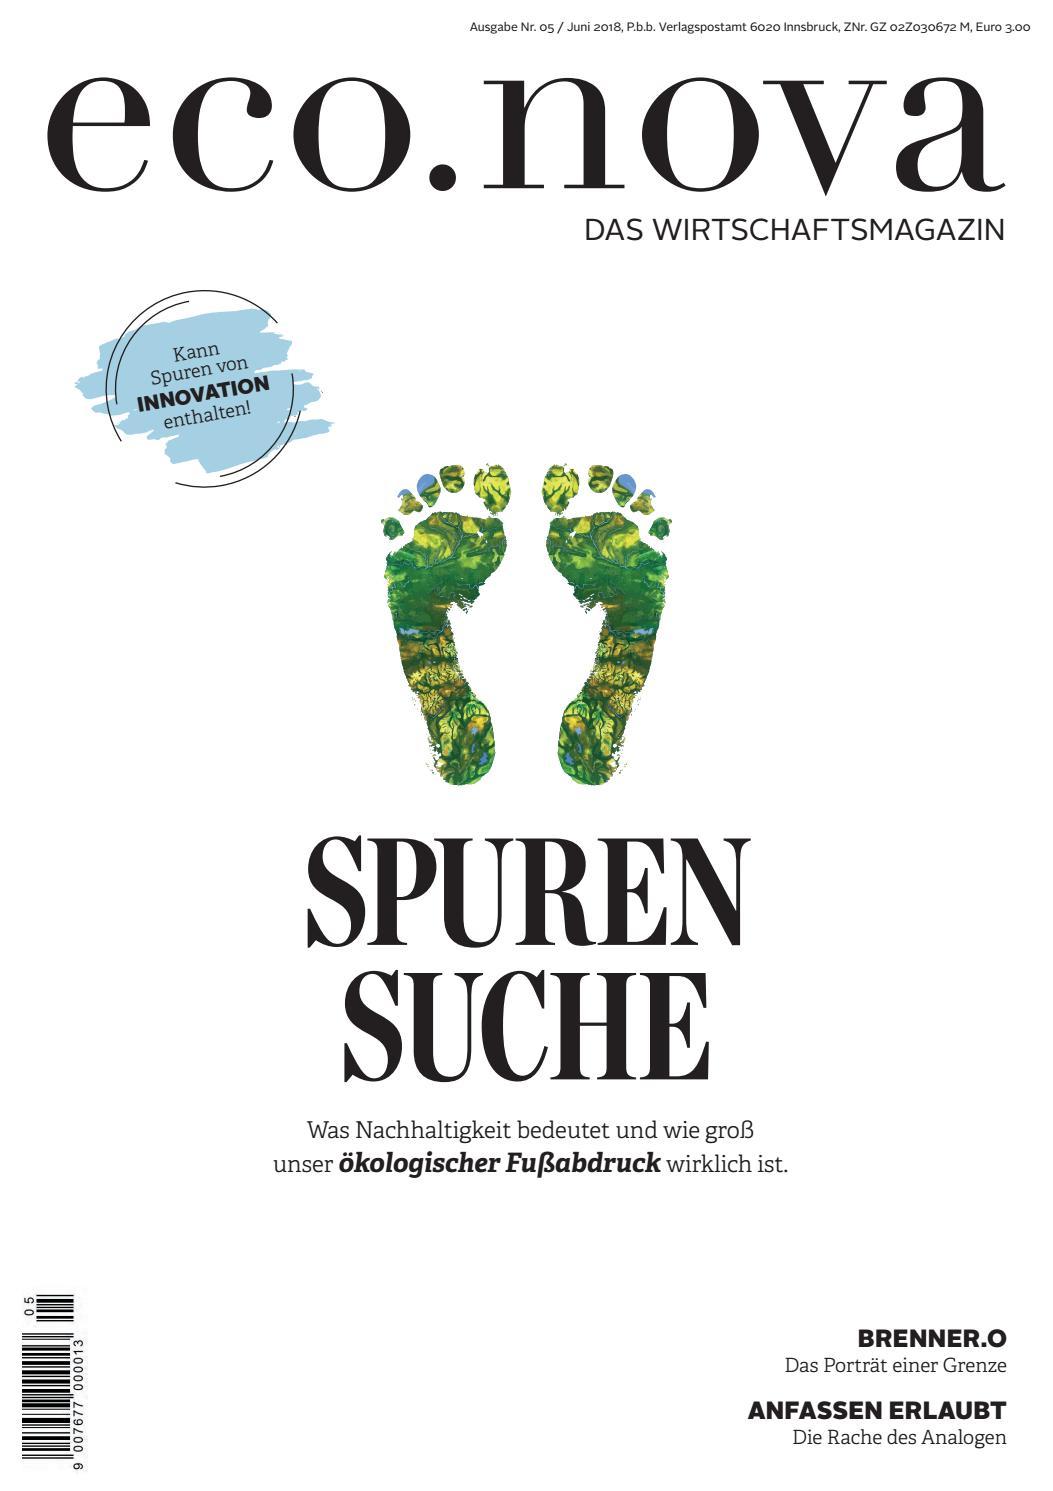 Single treff aus taufkirchen an der pram: Sexdating in